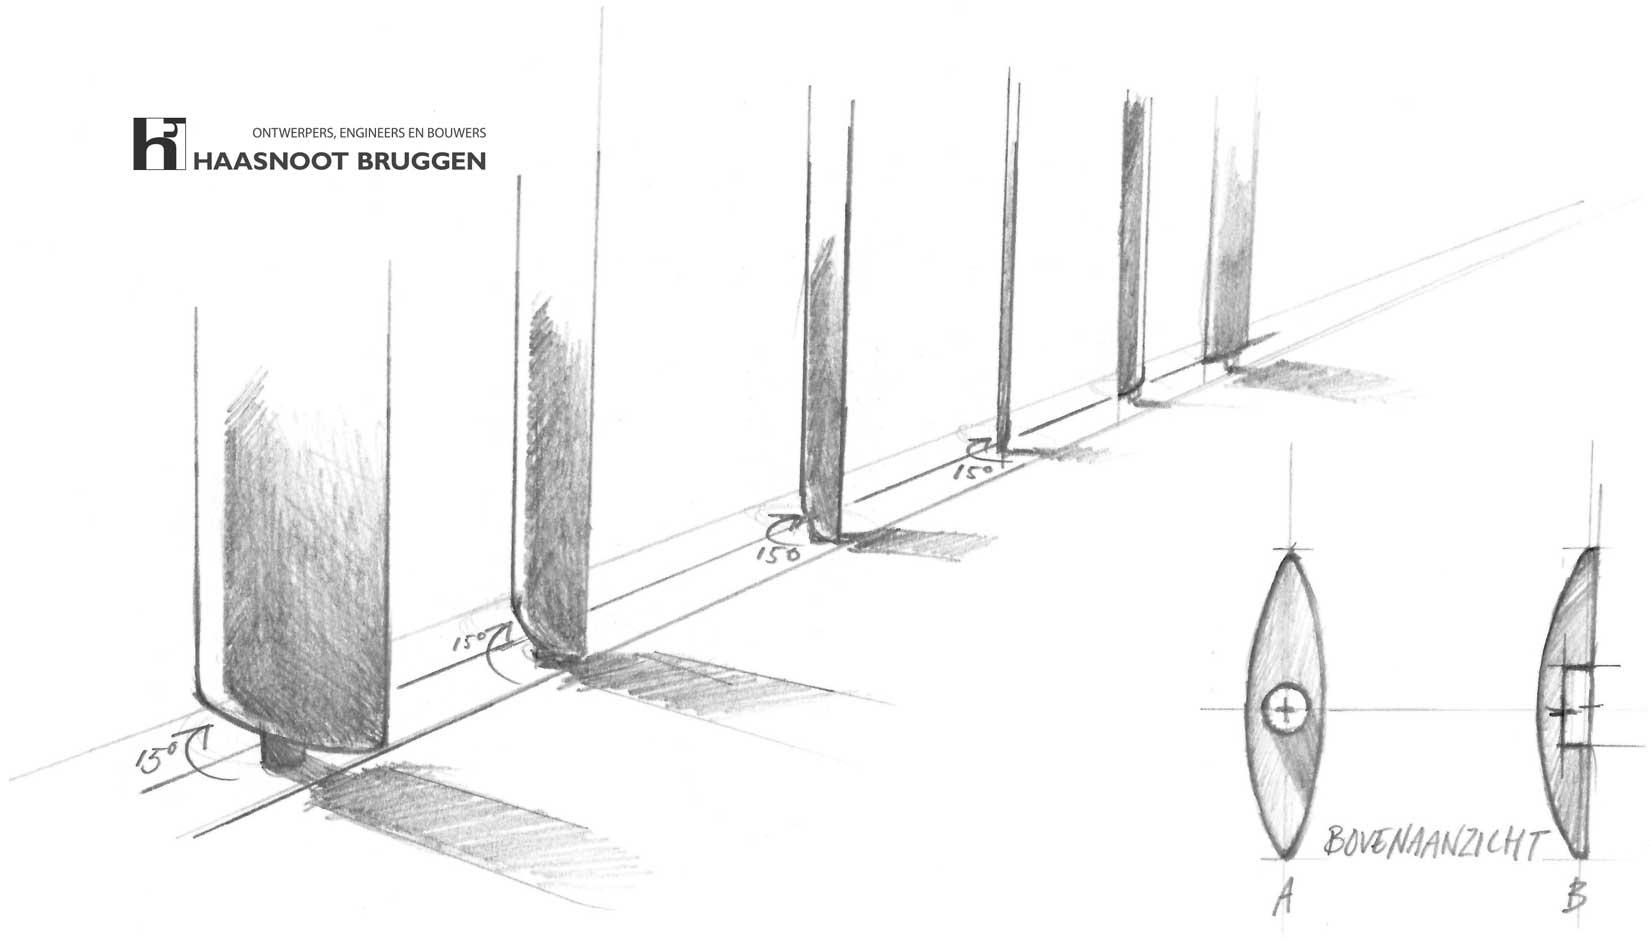 Ontwerp concept en schets bruggen, kunstwerken door Haasnoot Bruggen.